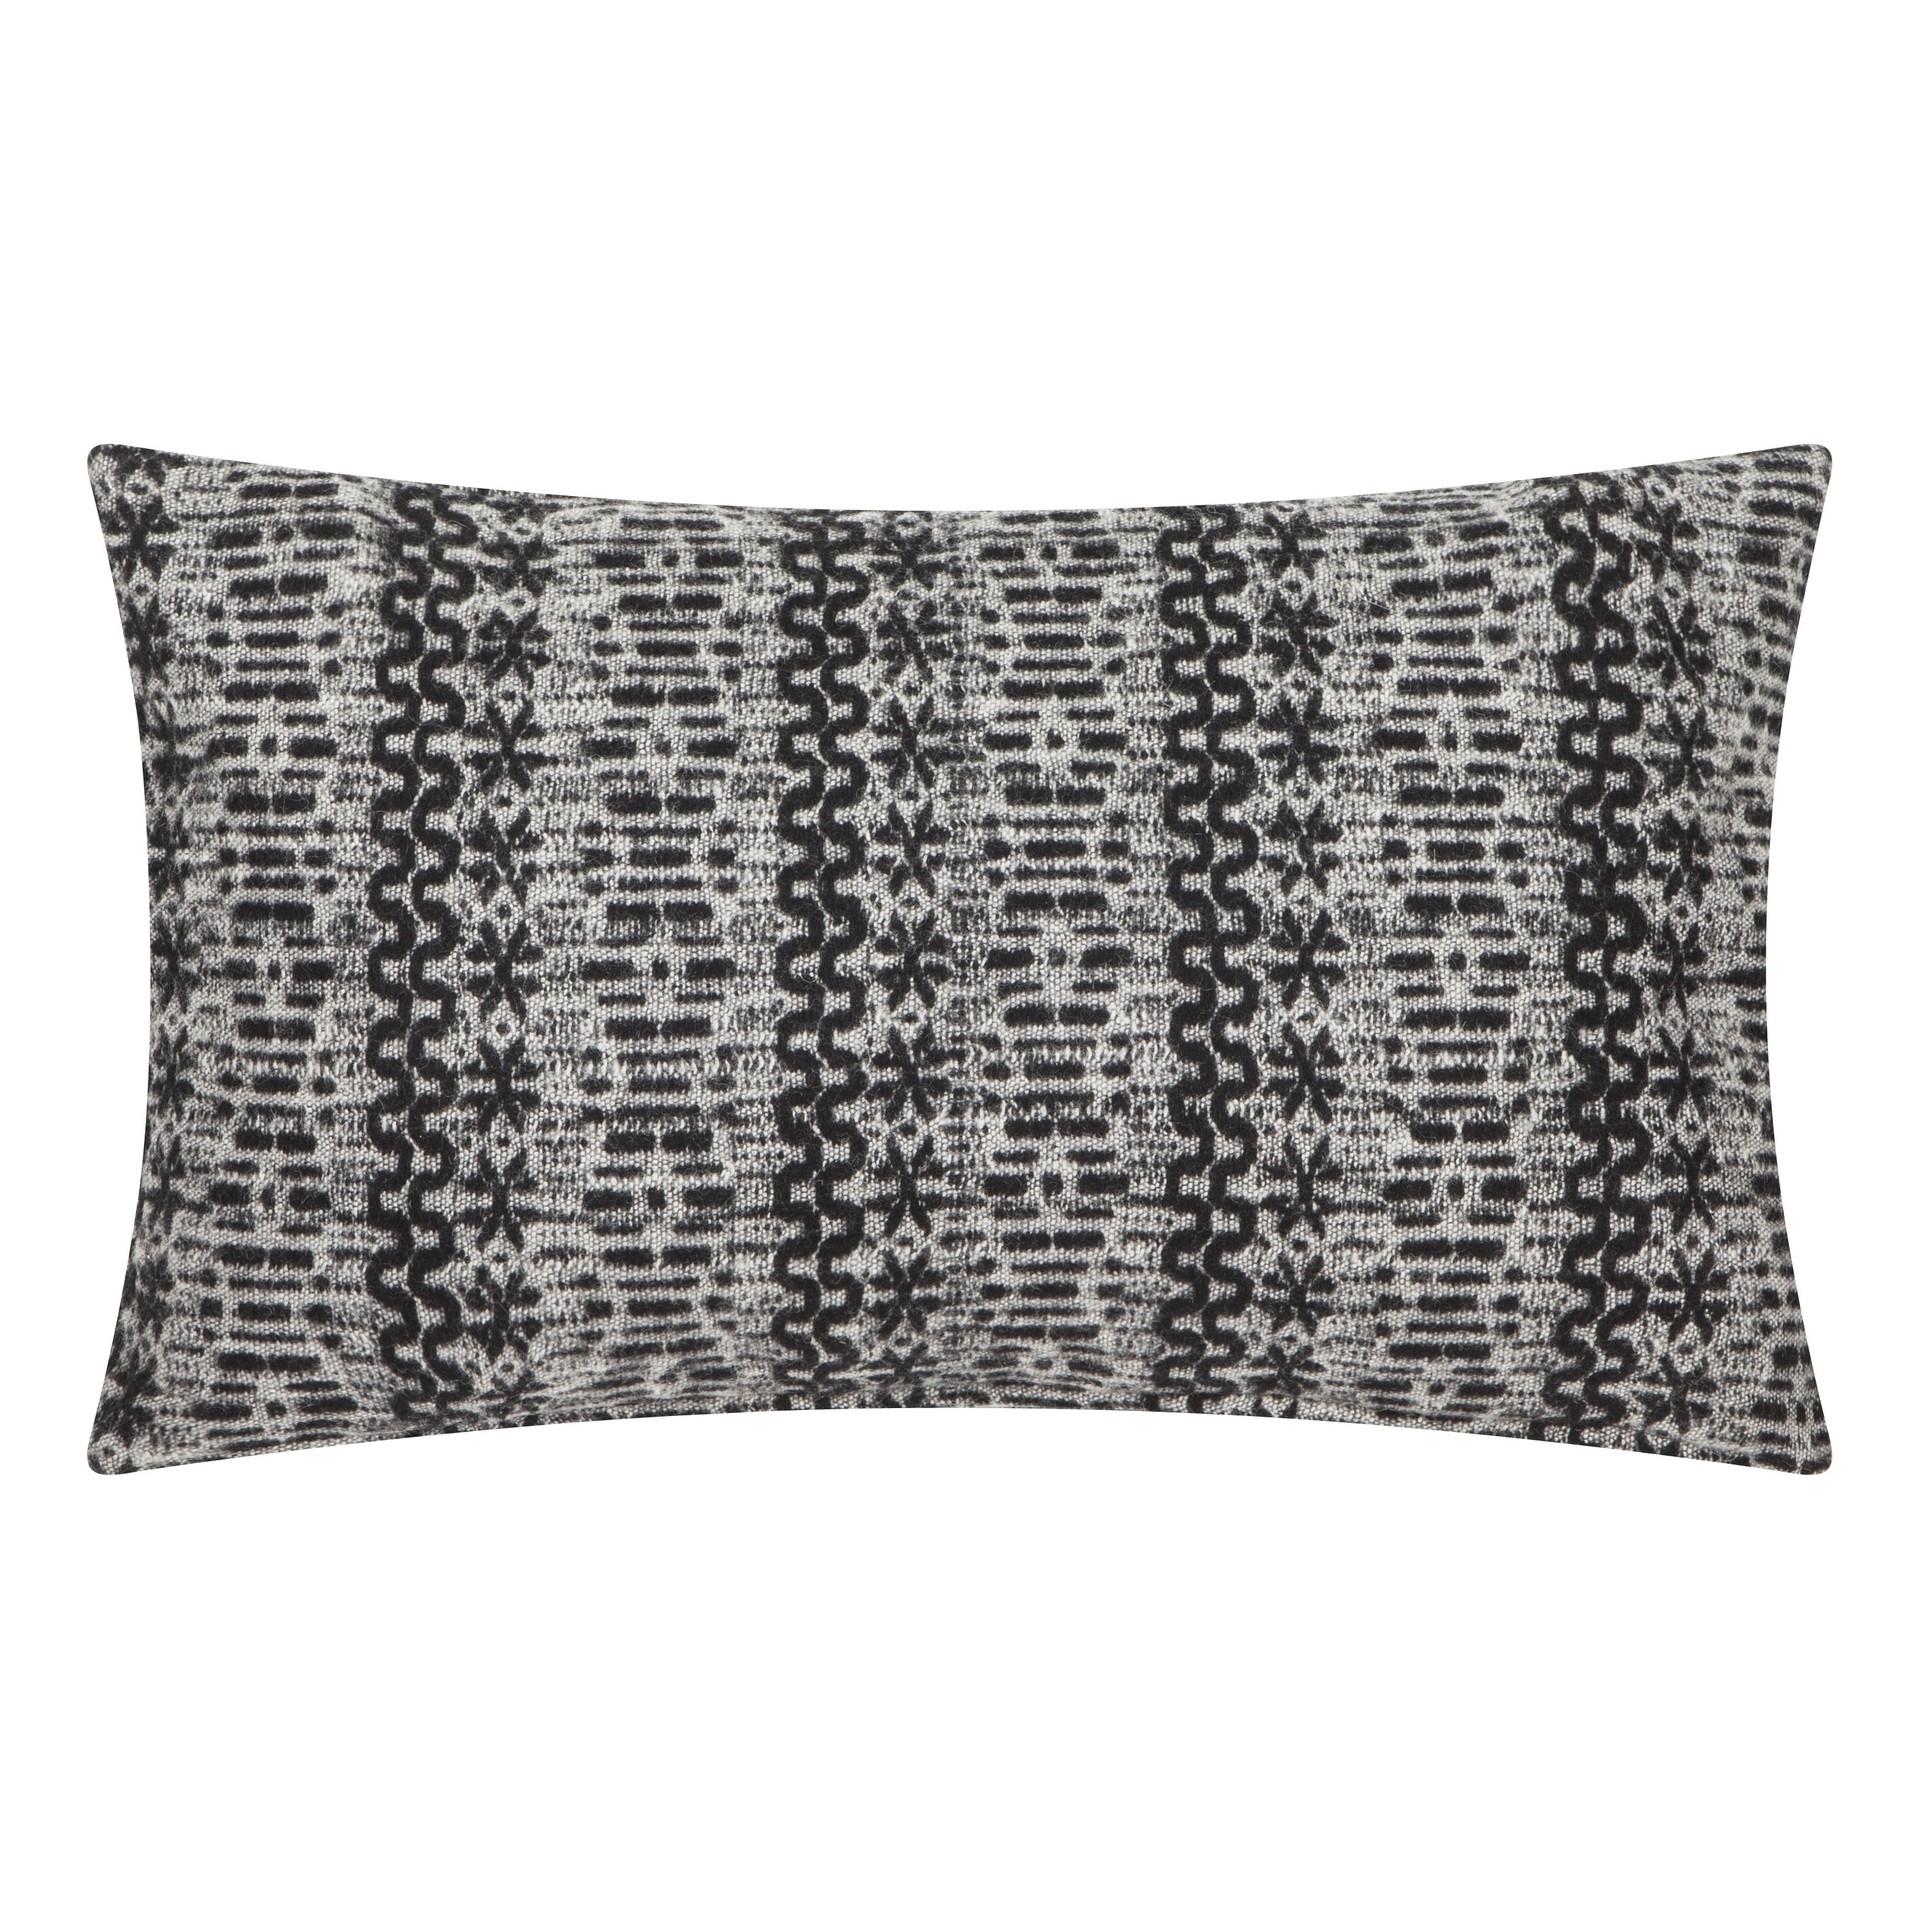 Poduszka z poszewką New Nordic czarno biała 30x50 cm